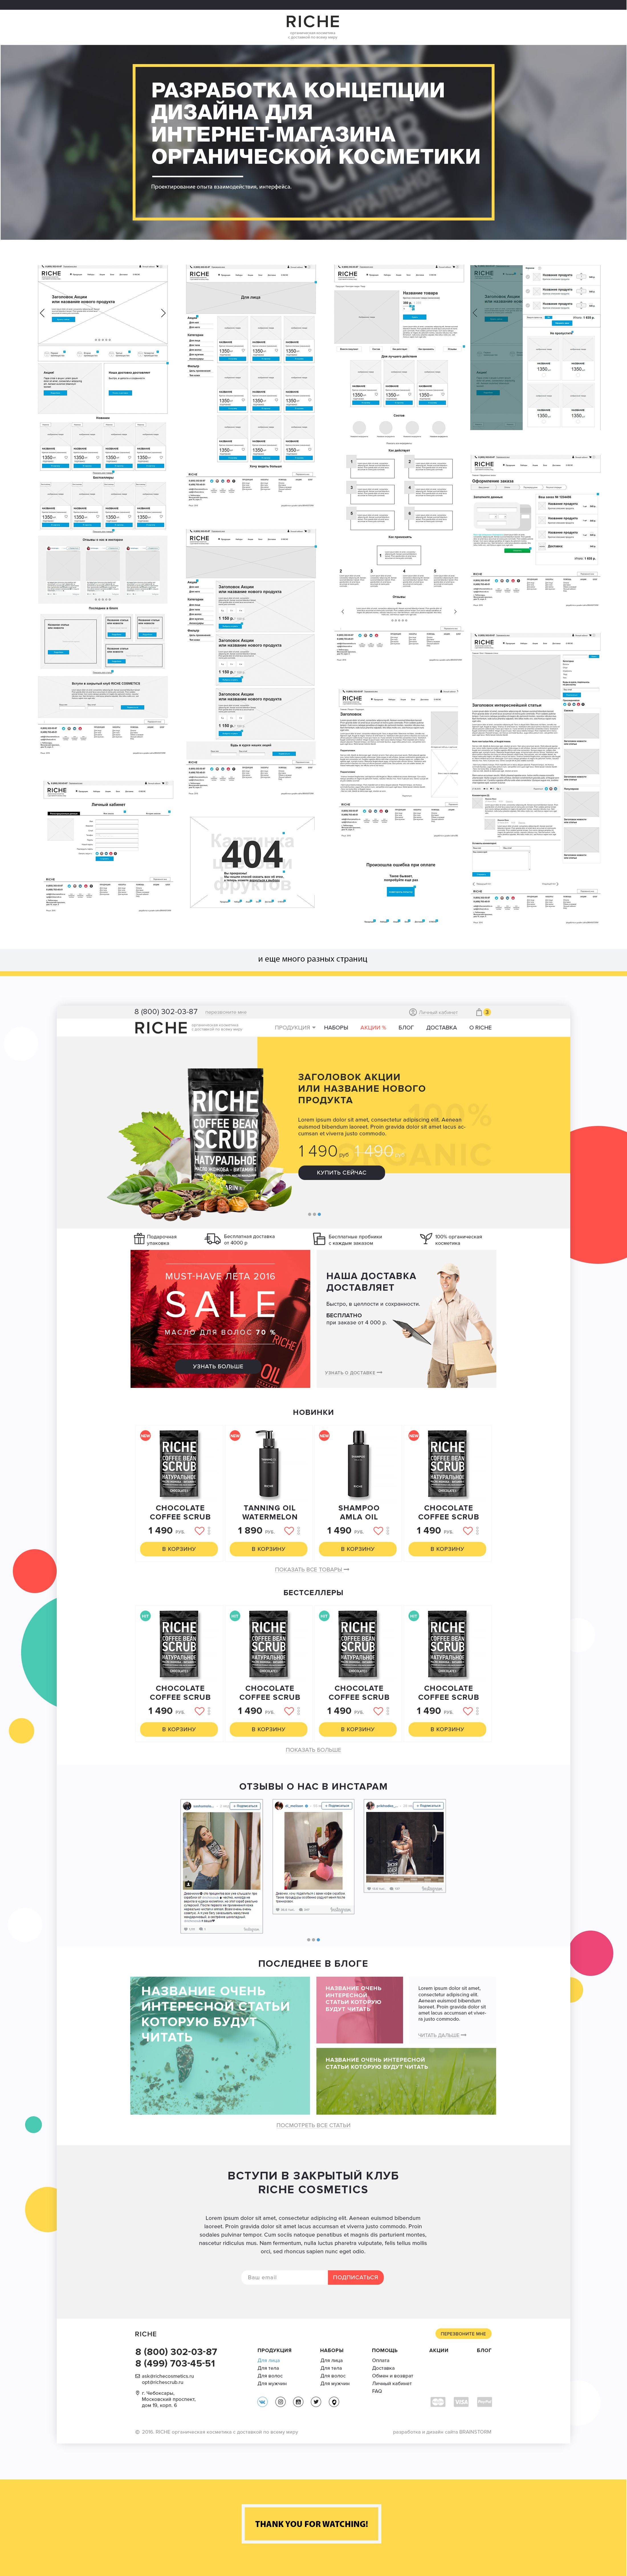 0197db43666 Разработка концепции дизайна интернет-магазина органической косметики